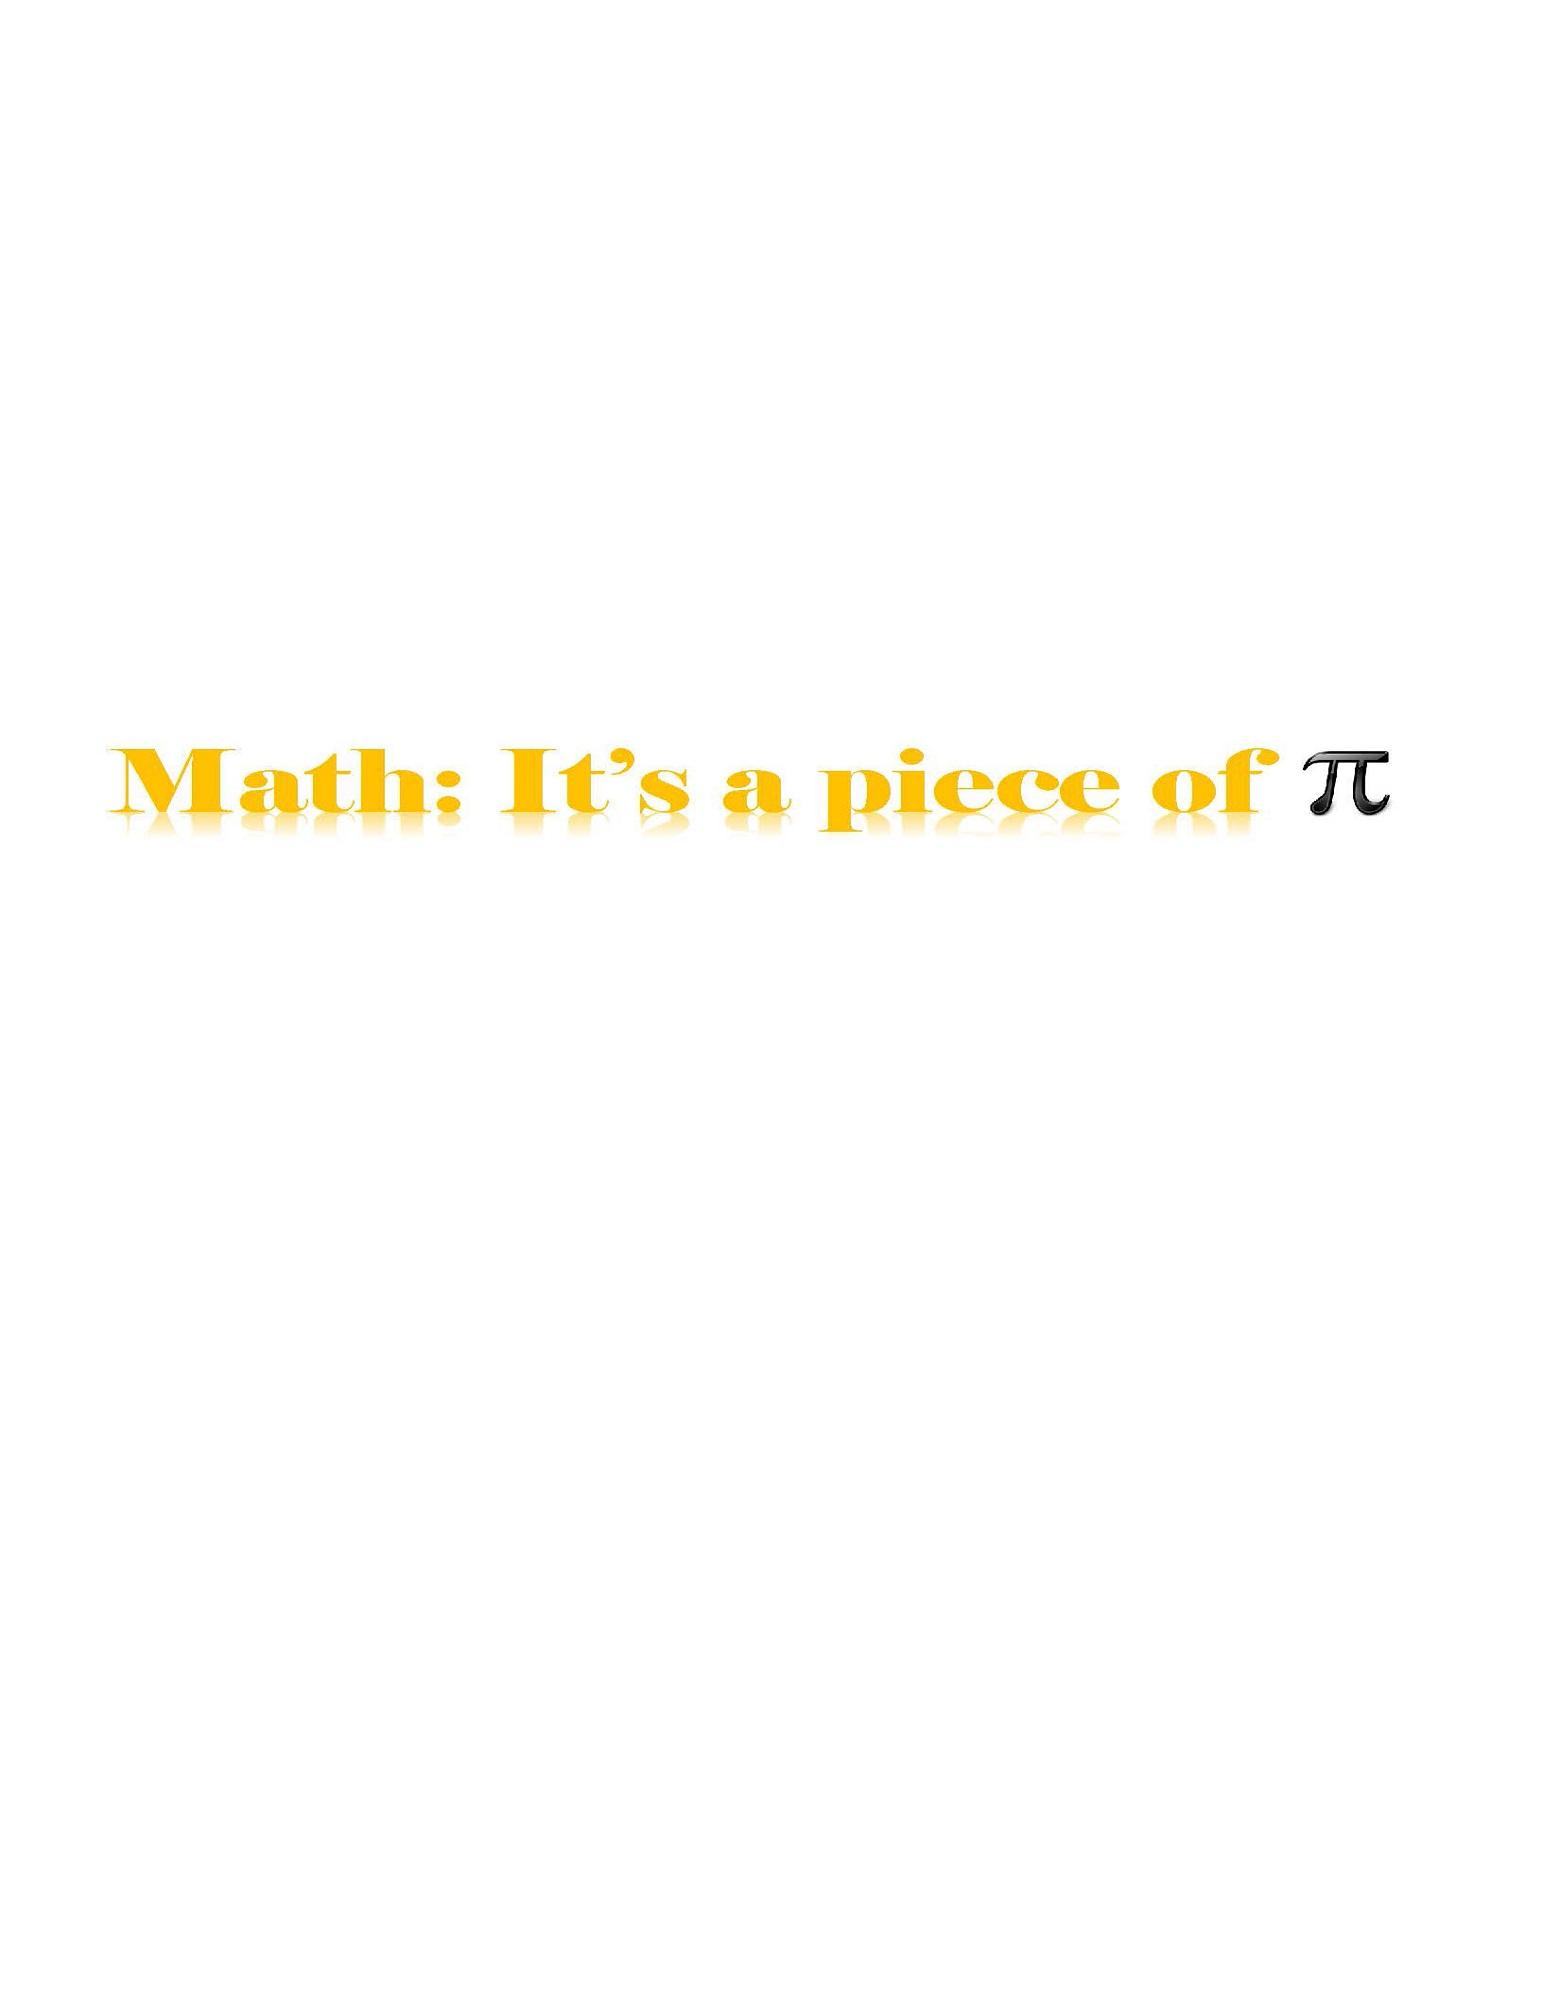 Math - Its a piece of pie